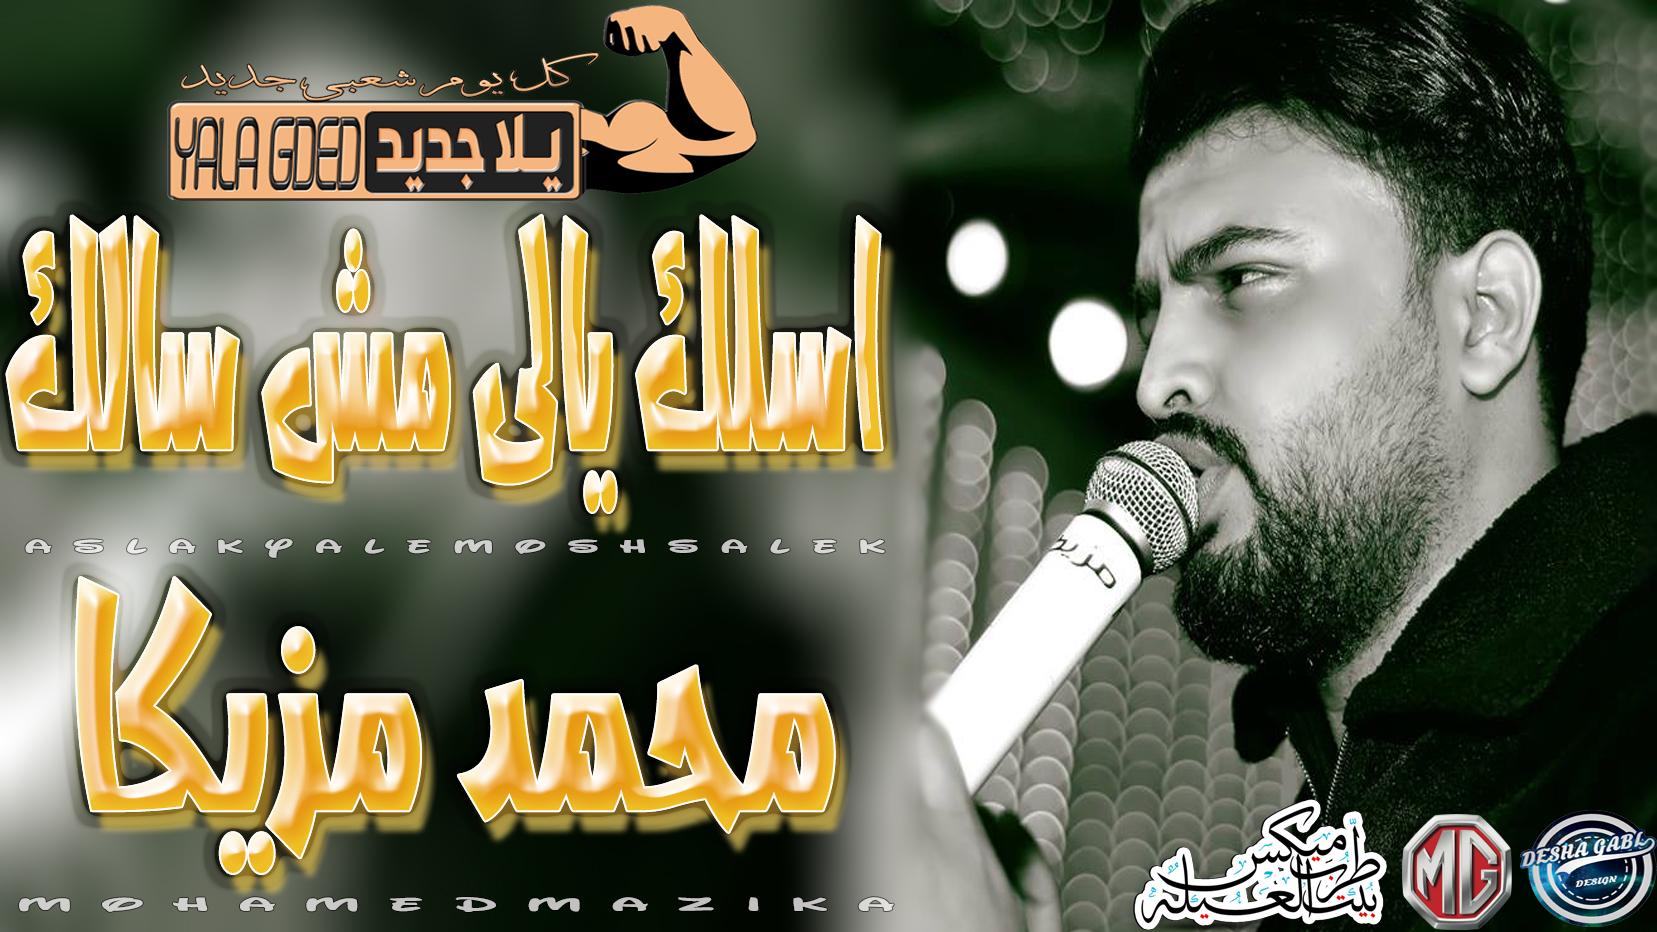 اسلك يالى مش سالك|محمد مزيكا واوشا مصر |اغنية جديده2019